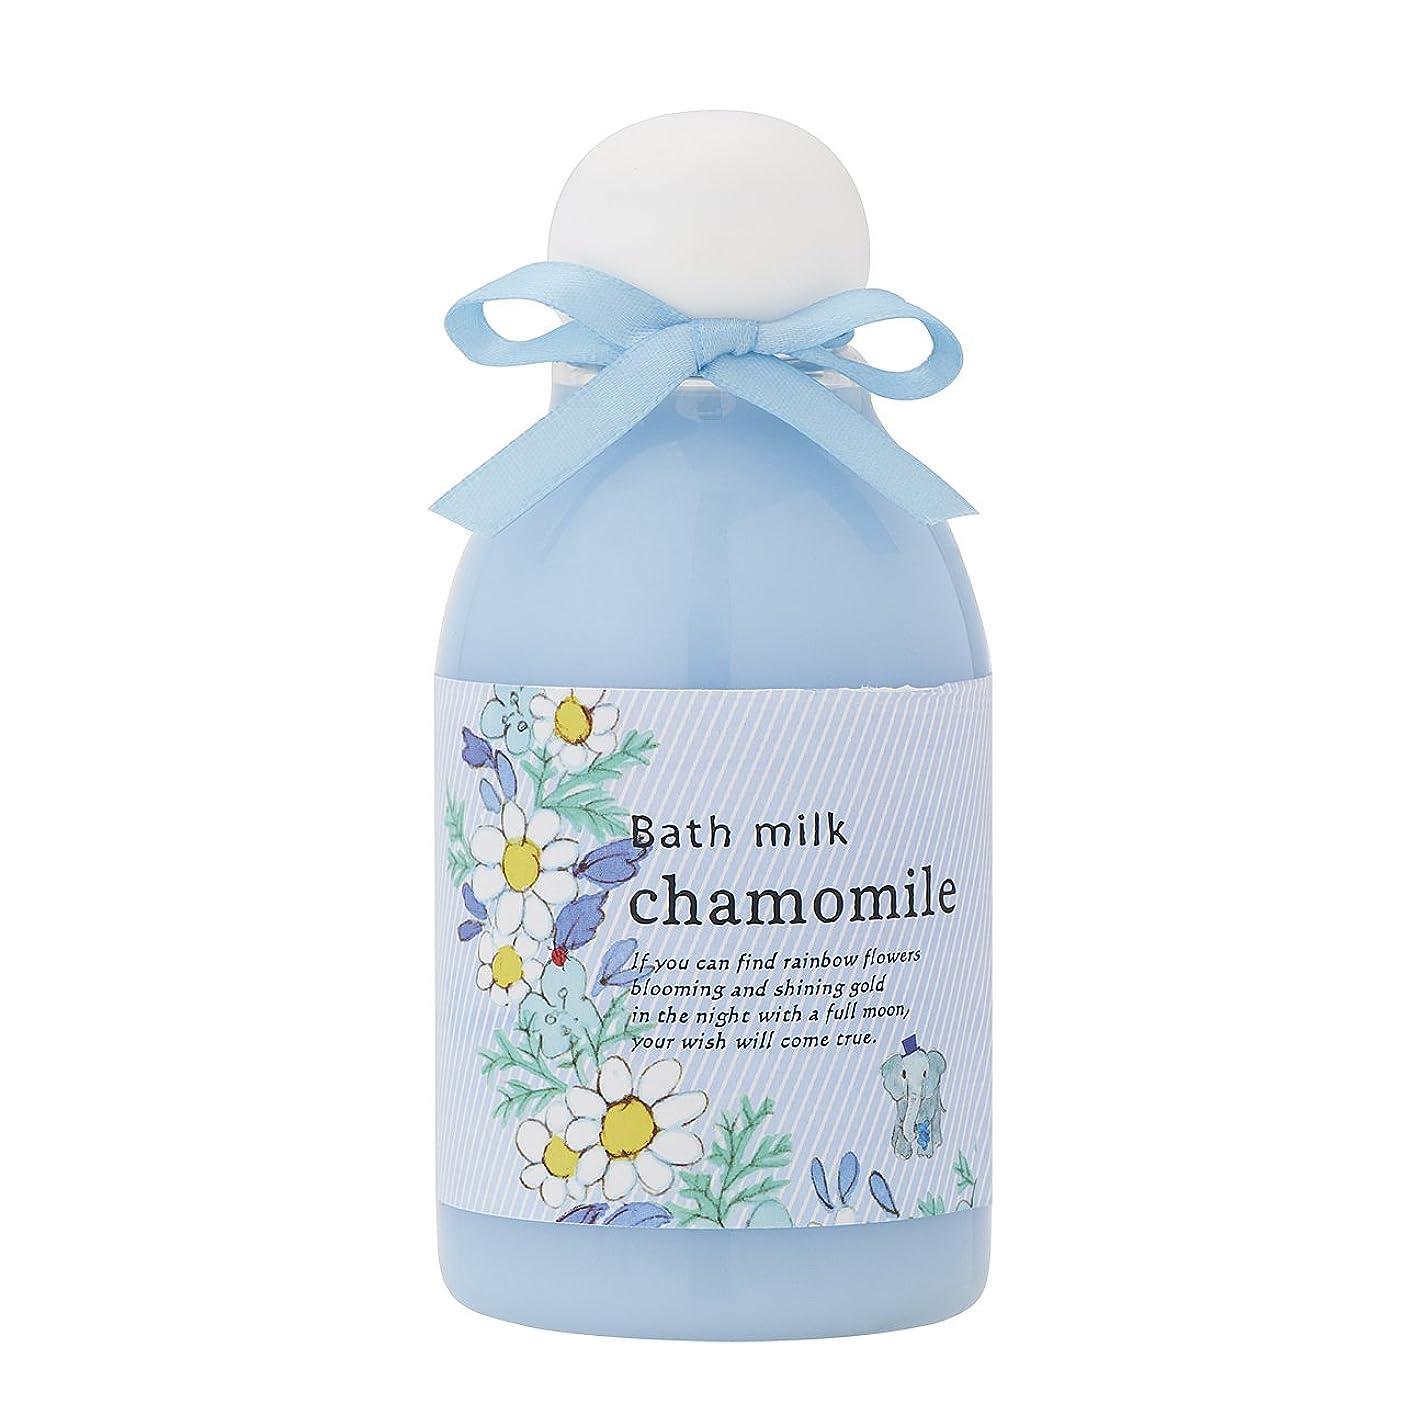 目指す反抗僕のサンハーブ バスミルク カモマイル 200ml(バブルバスタイプ入浴料 泡風呂 やさしく穏やかな甘い香り)